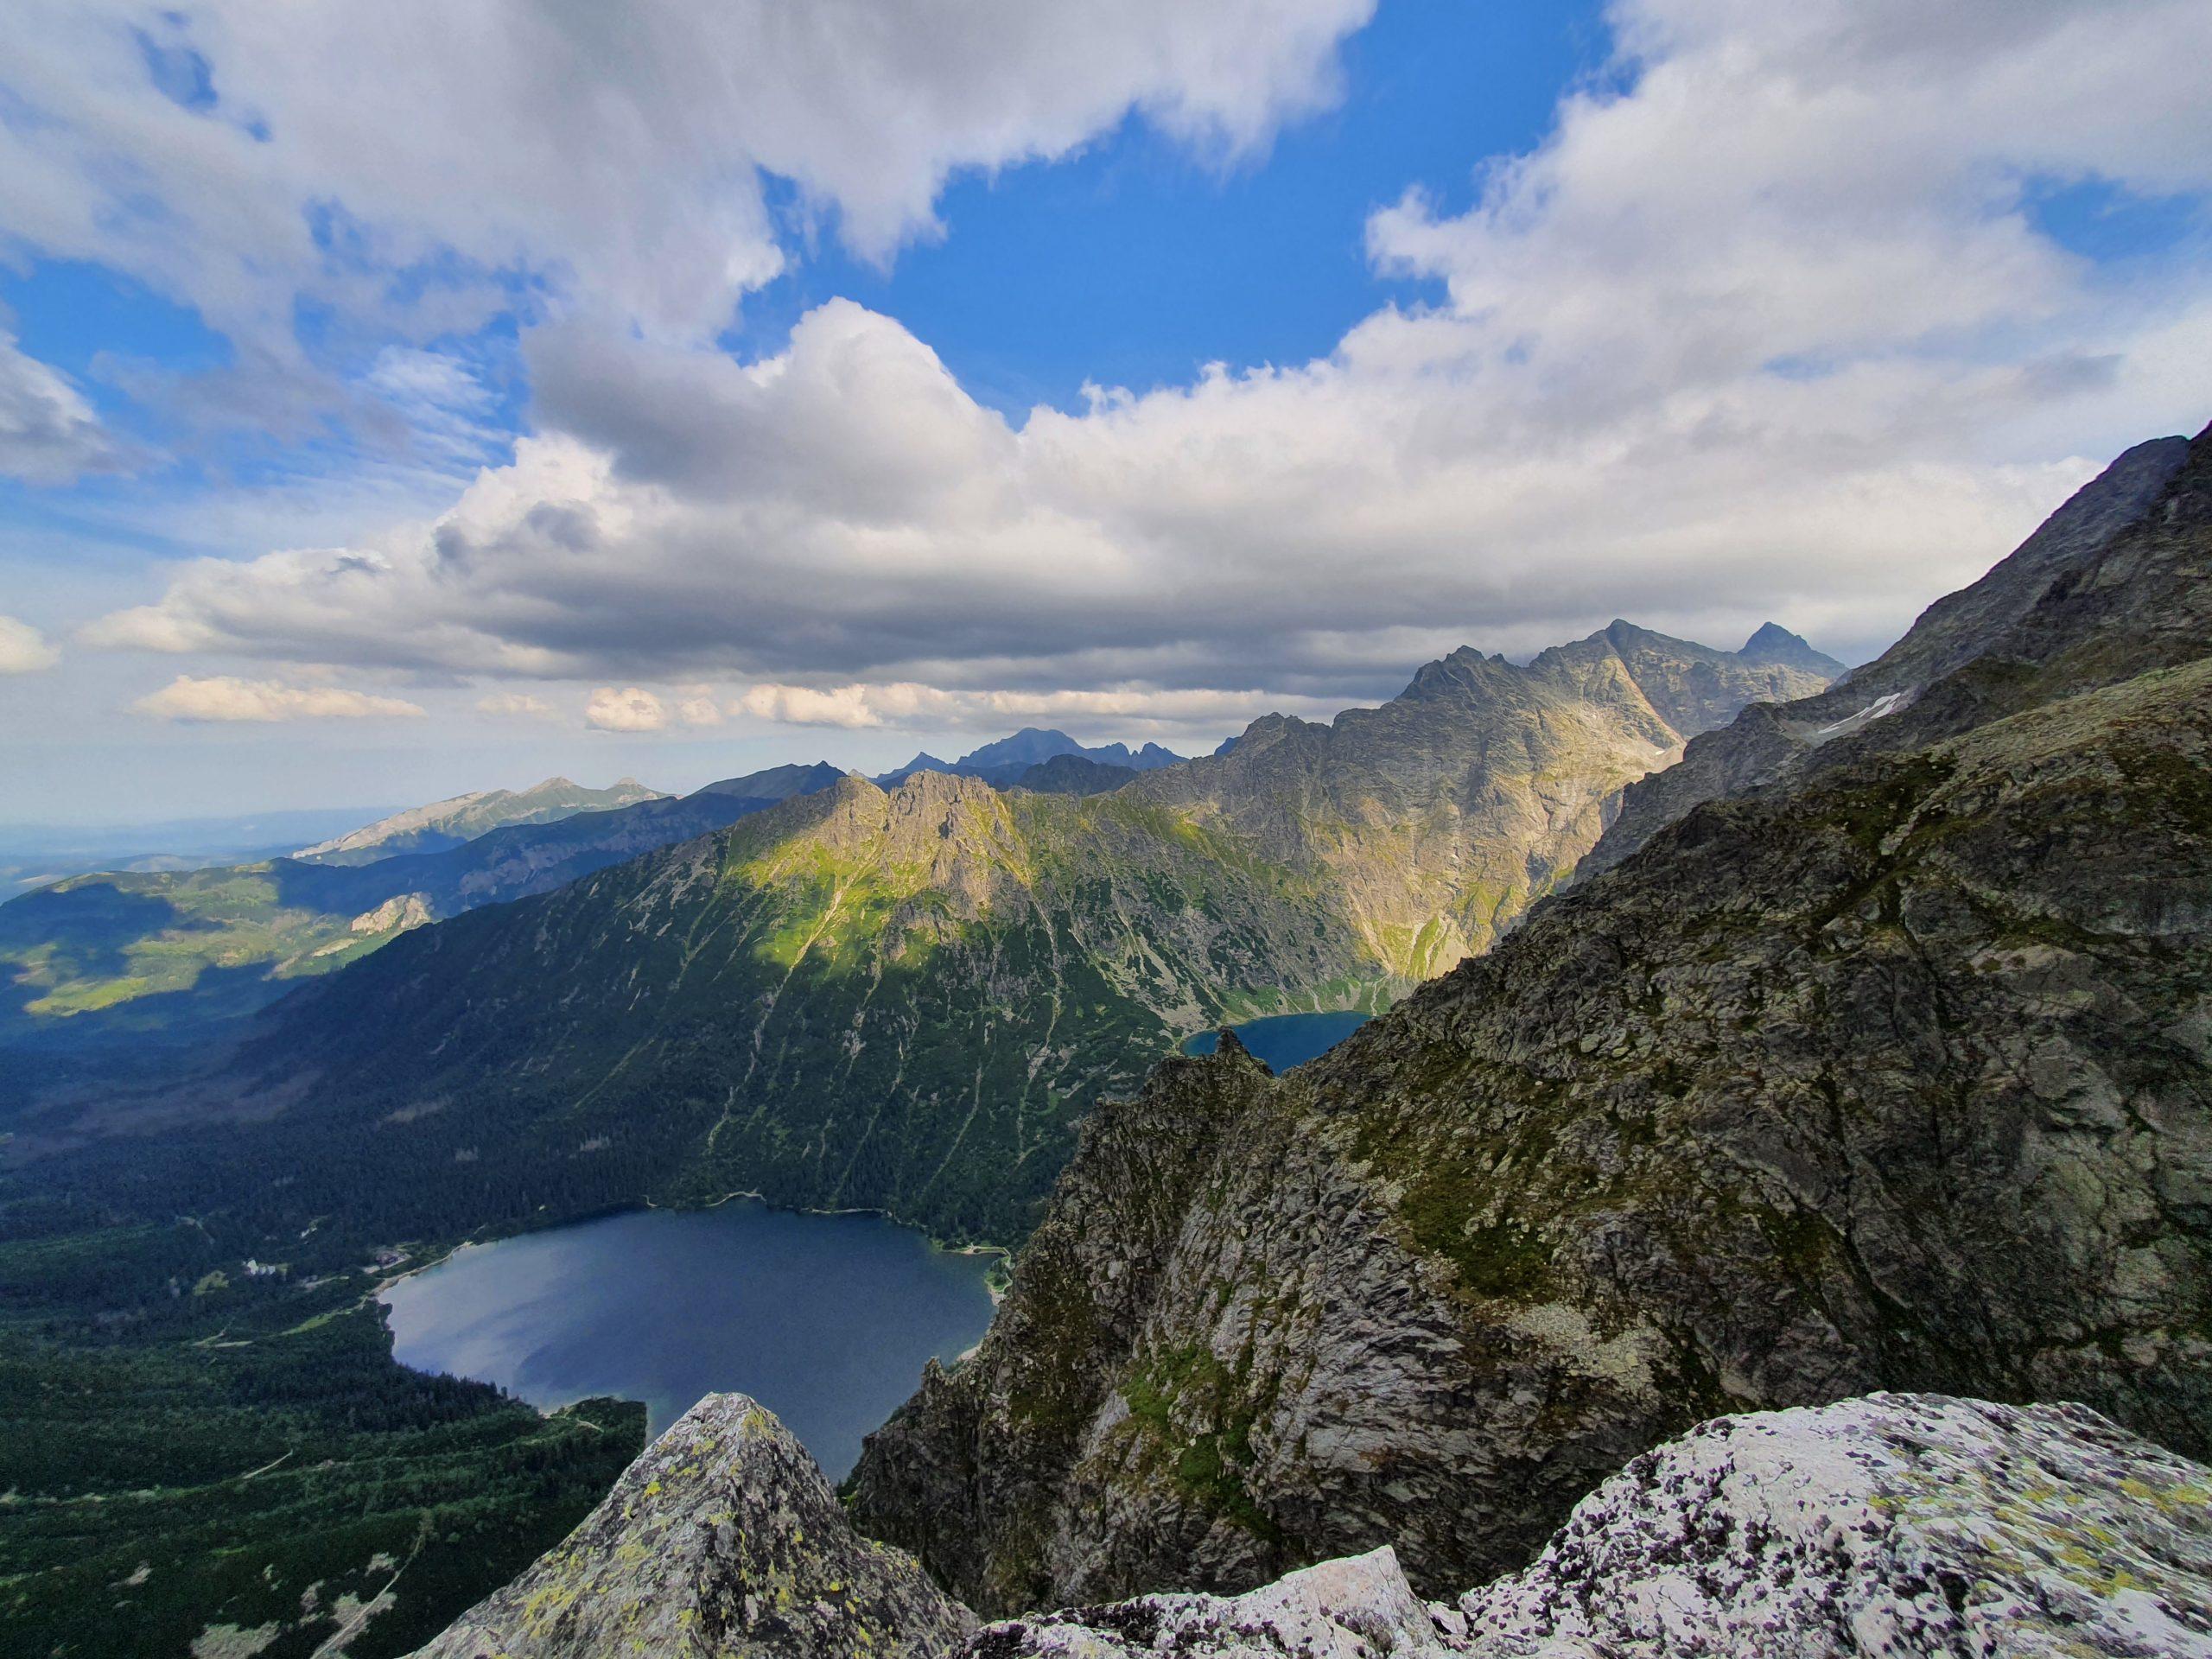 Po kilku minutach mogliśmy już wspólnie nasycić nasze oczy wspaniałym widokiem naokoliczne szczyty istawy